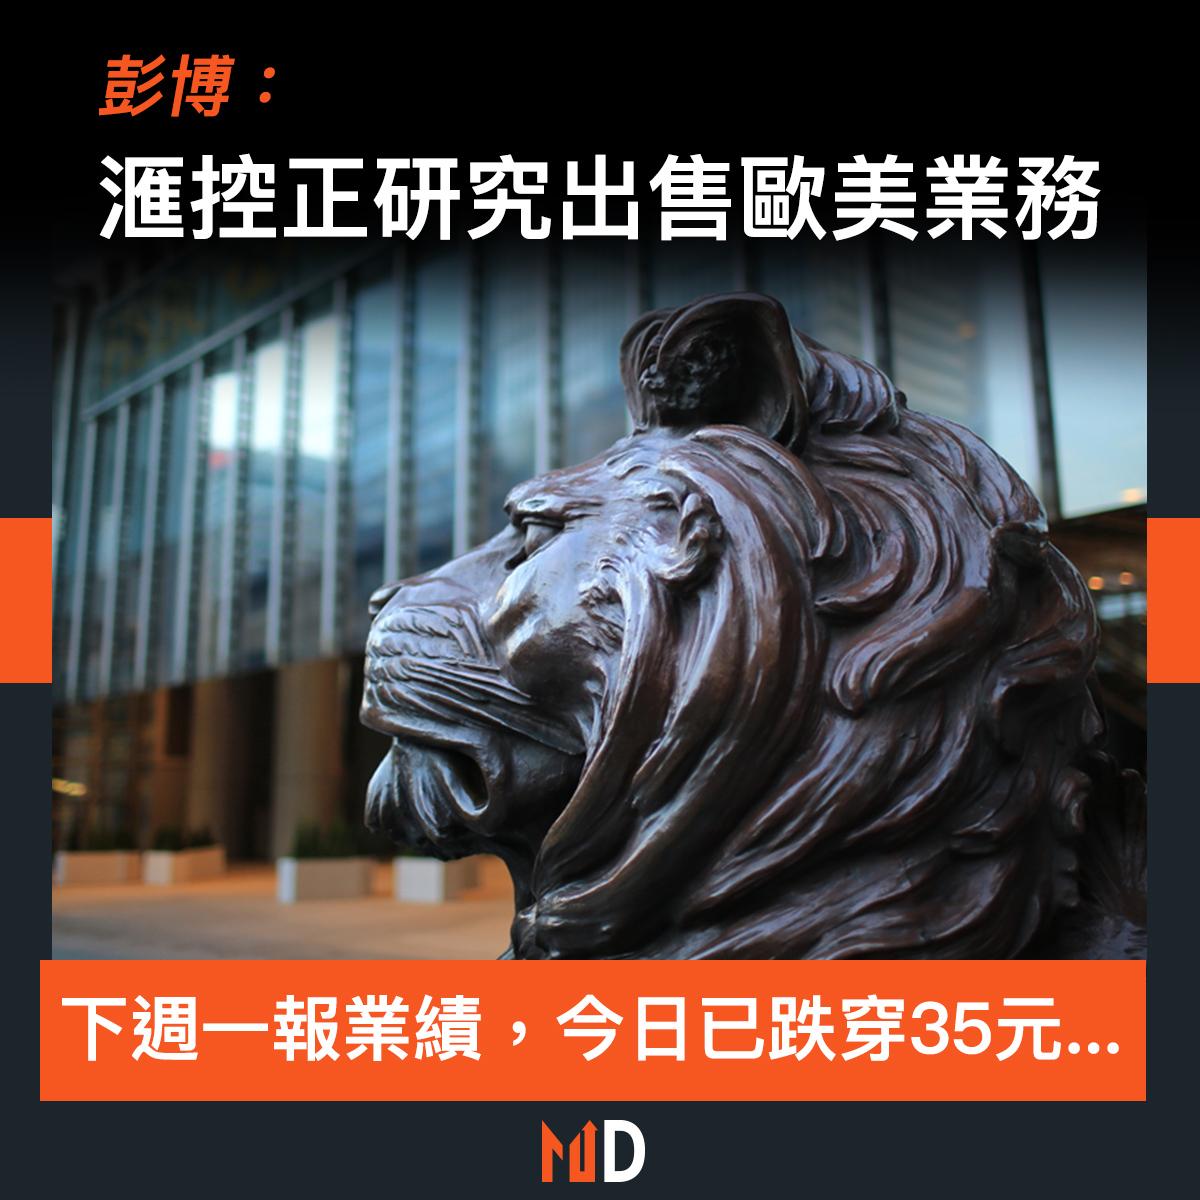 【市場熱話】彭博:滙控正研究出售歐美業務